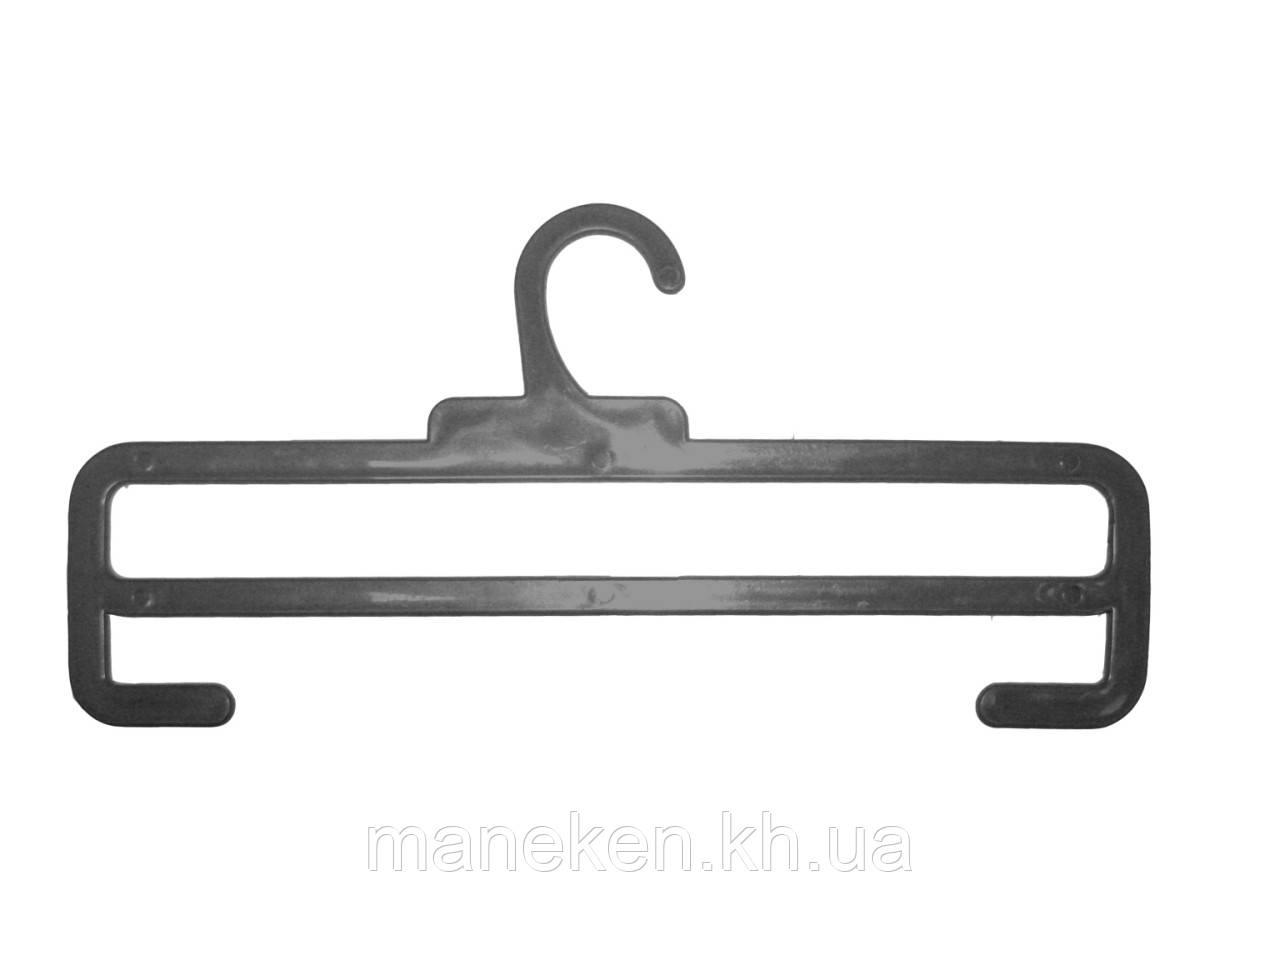 """Вешалка для шарфов TREMVERY """"ТШ-2К (35см)"""" черная S3black"""